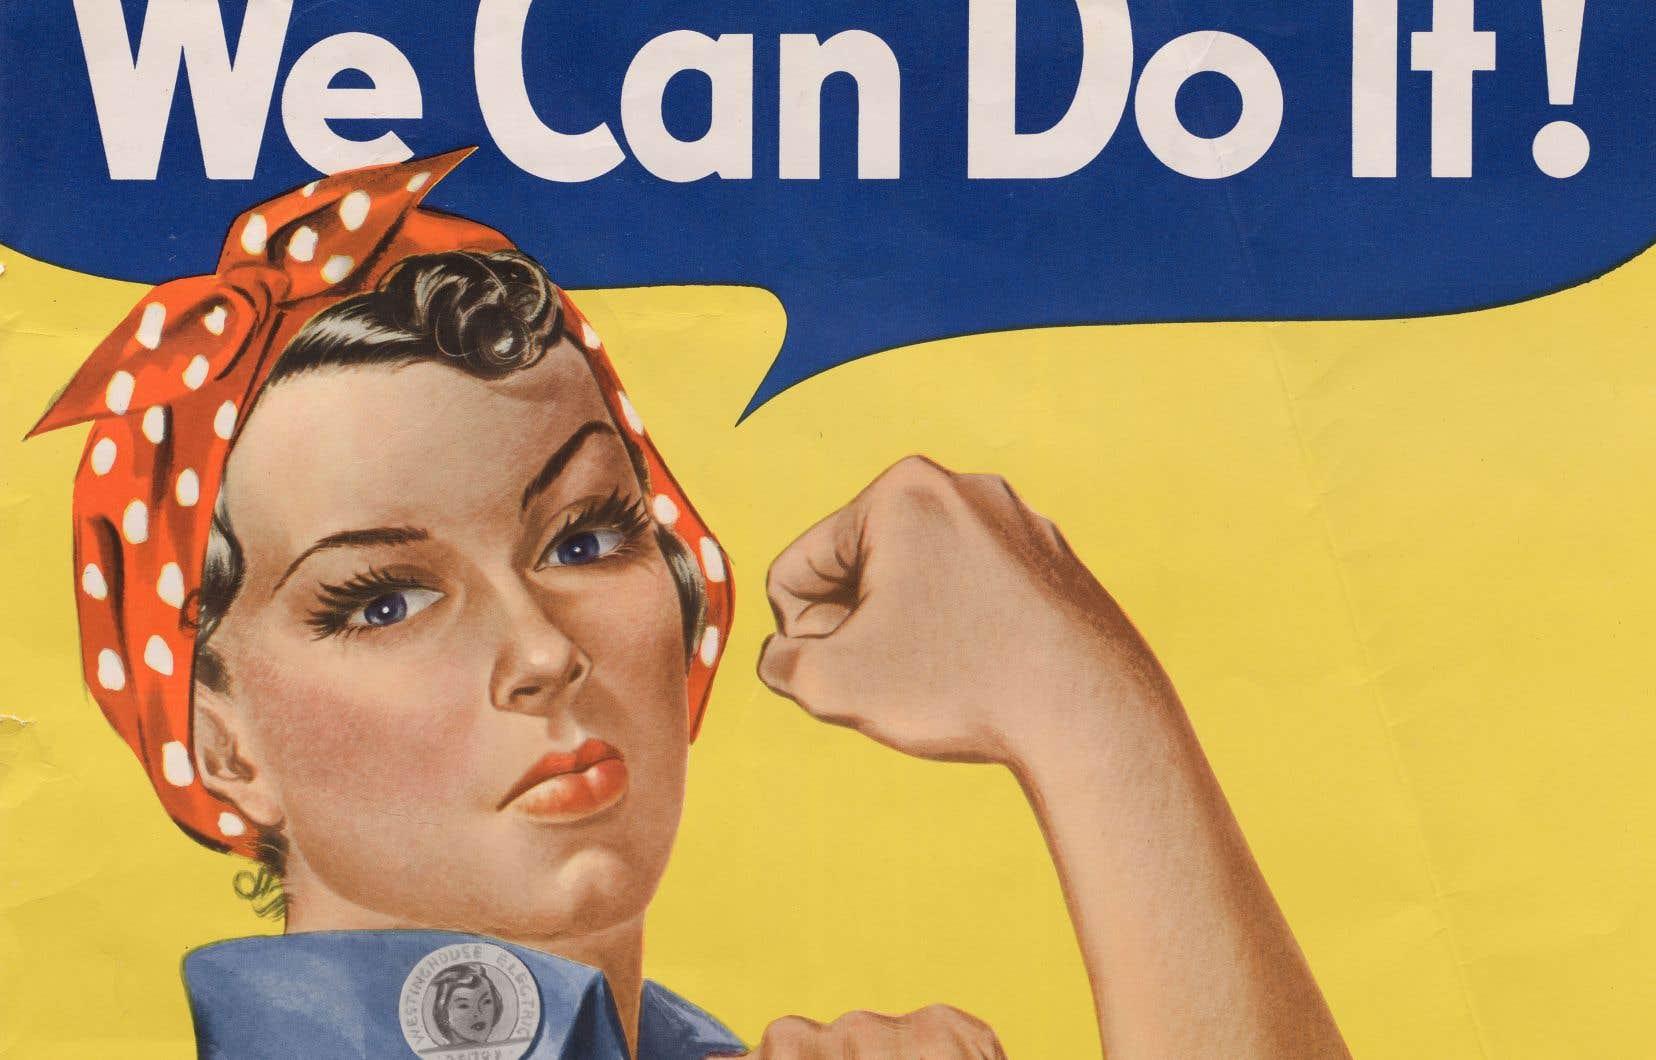 Le but de cette affiche réalisée en 1943 était de motiver l'ardeur au travail des ouvrières de l'usine Westinghouse Electric en temps de guerre.